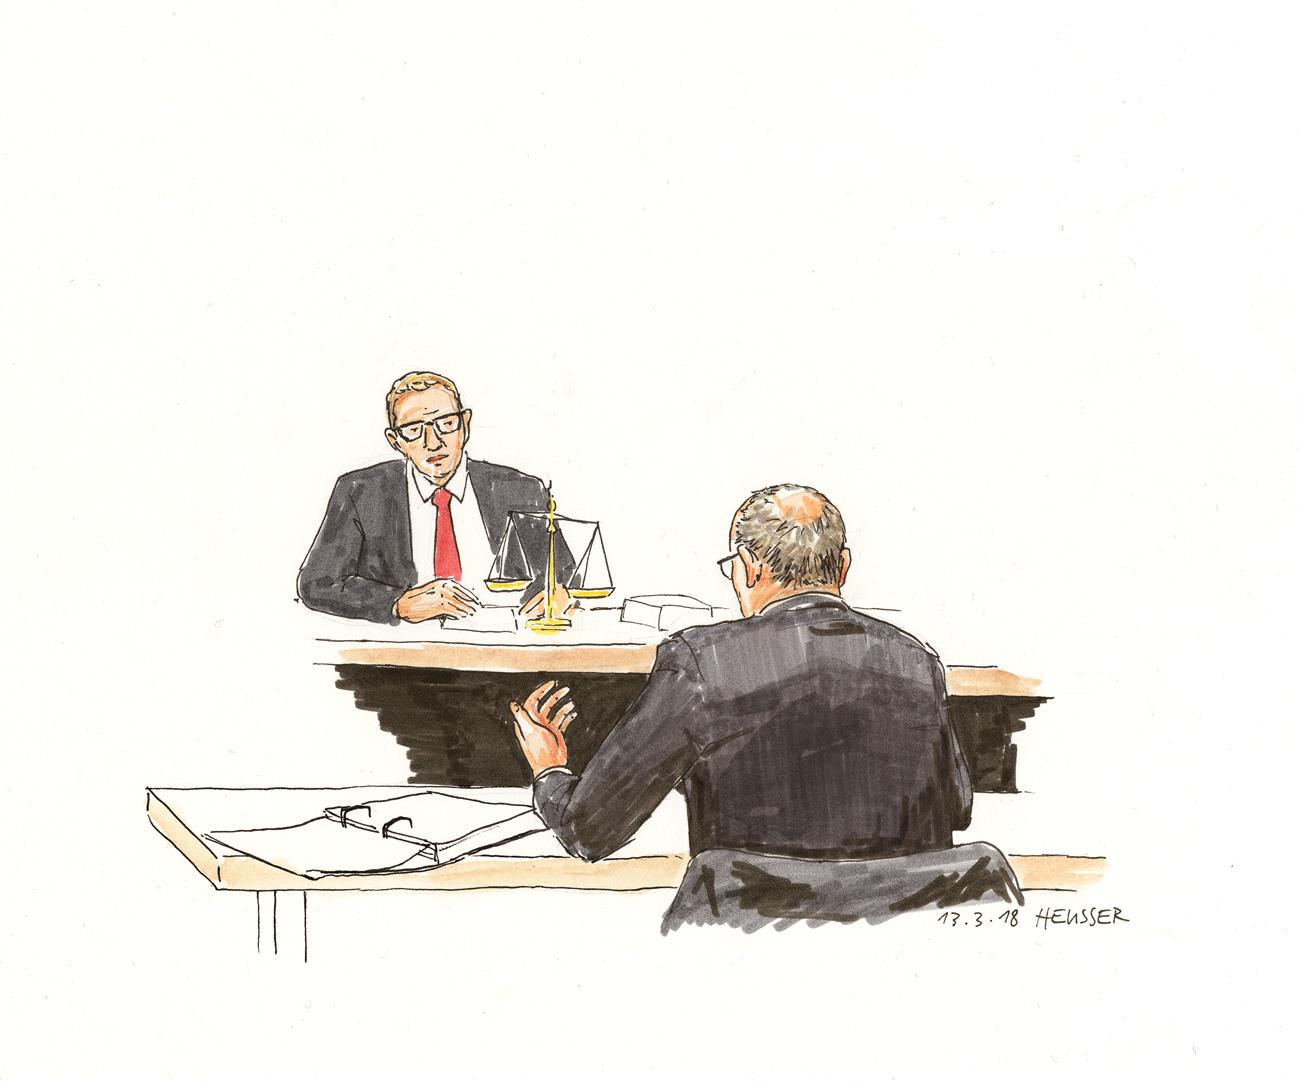 Der Gerichtspräsident und einer der Gutachter